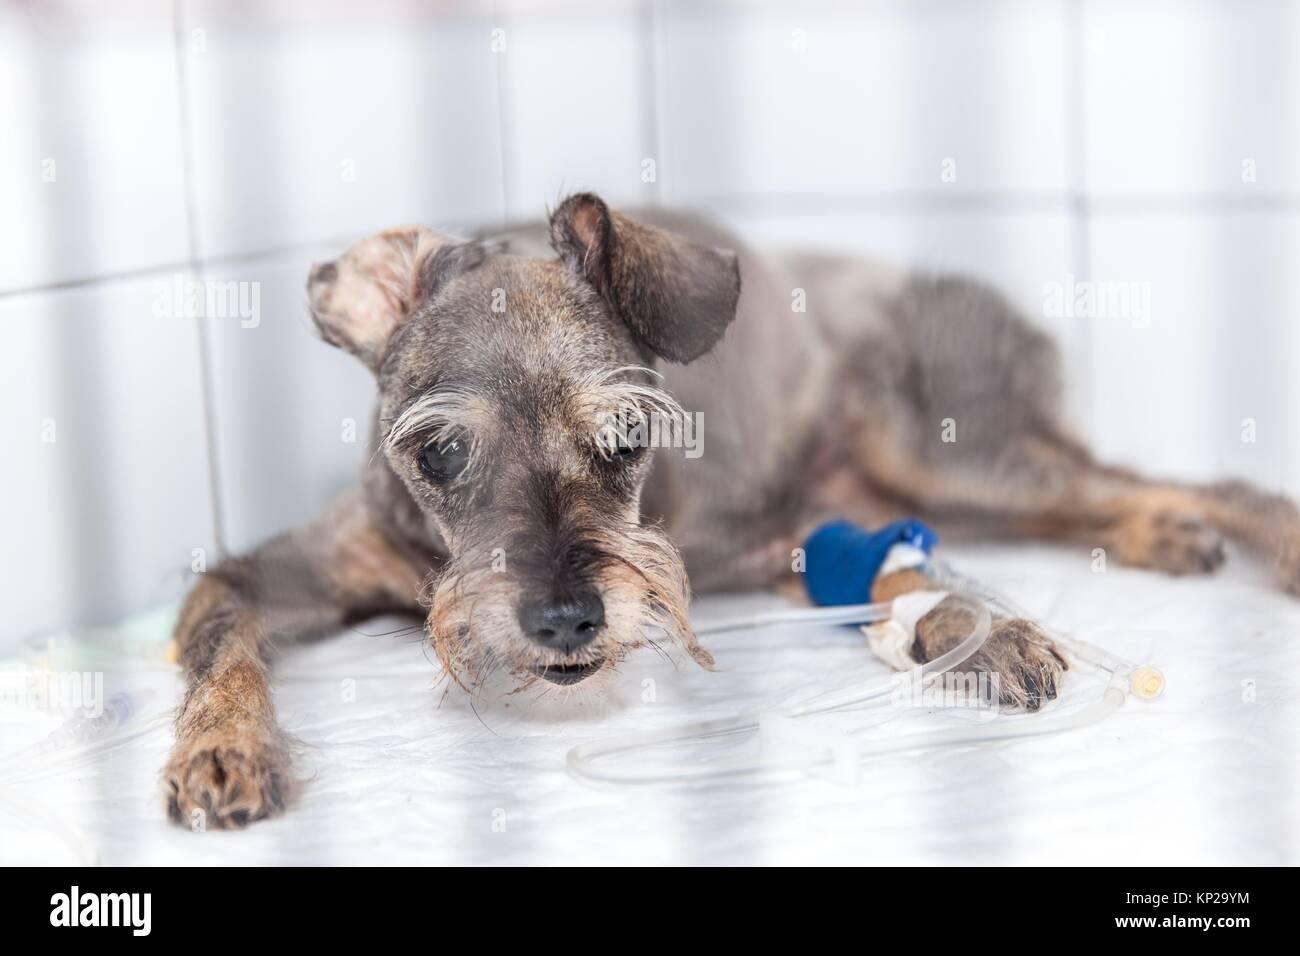 Hund beim Tierarzt, die sich einer medizinischen Behandlung Stockbild